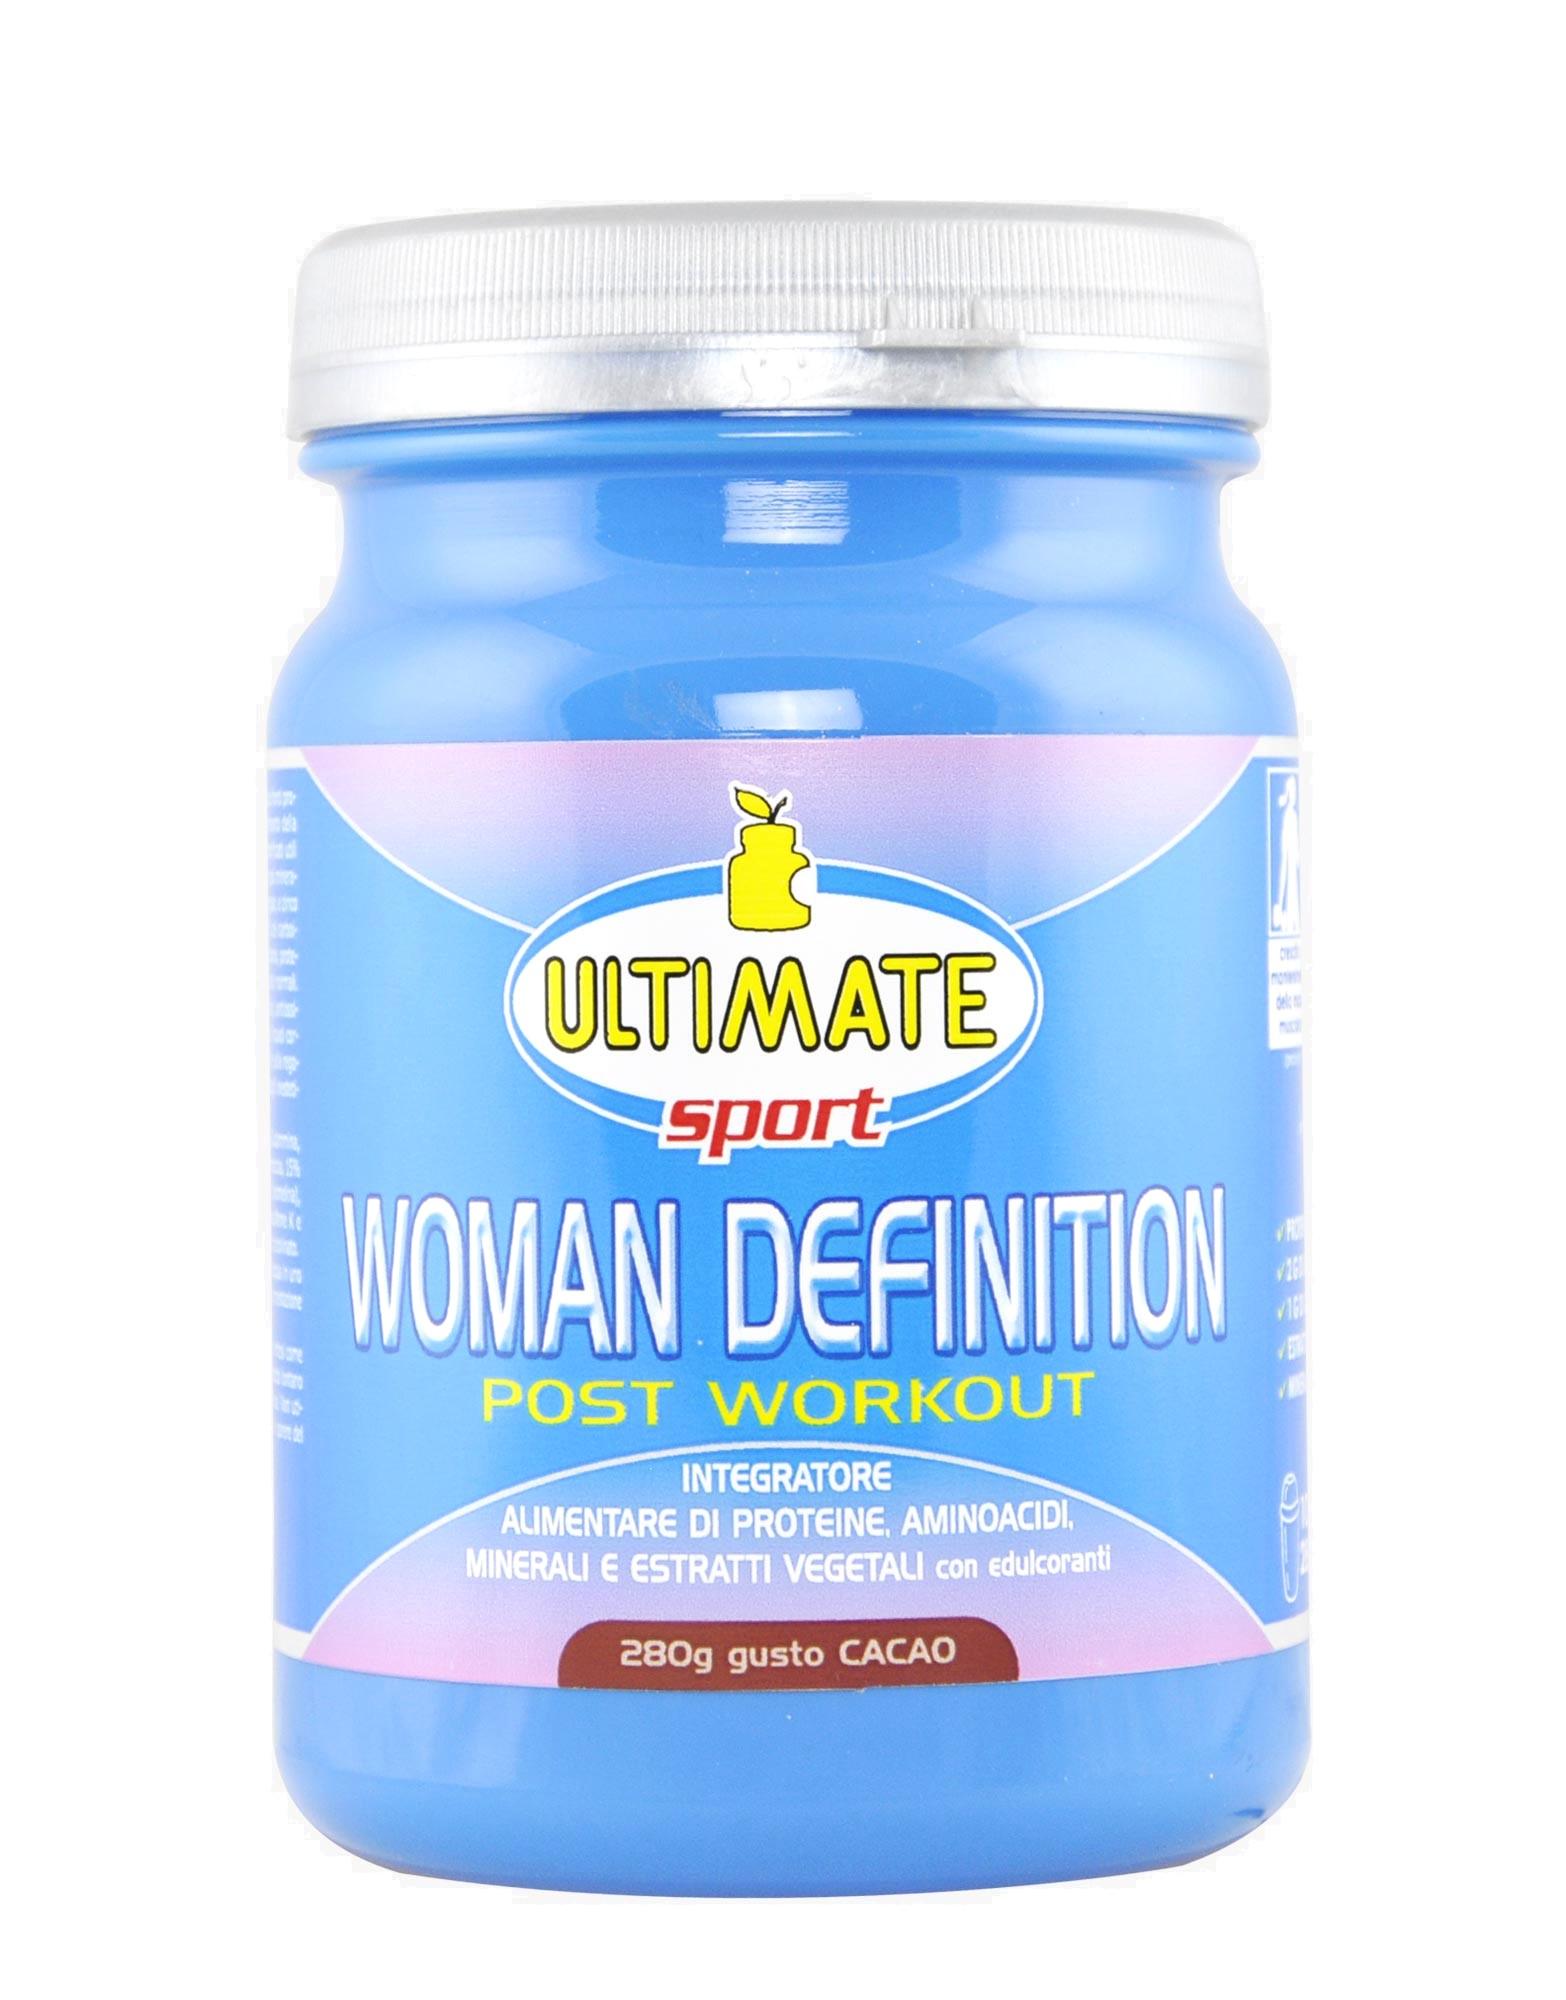 woman definition post workout di ultimate italia (280 grammi)